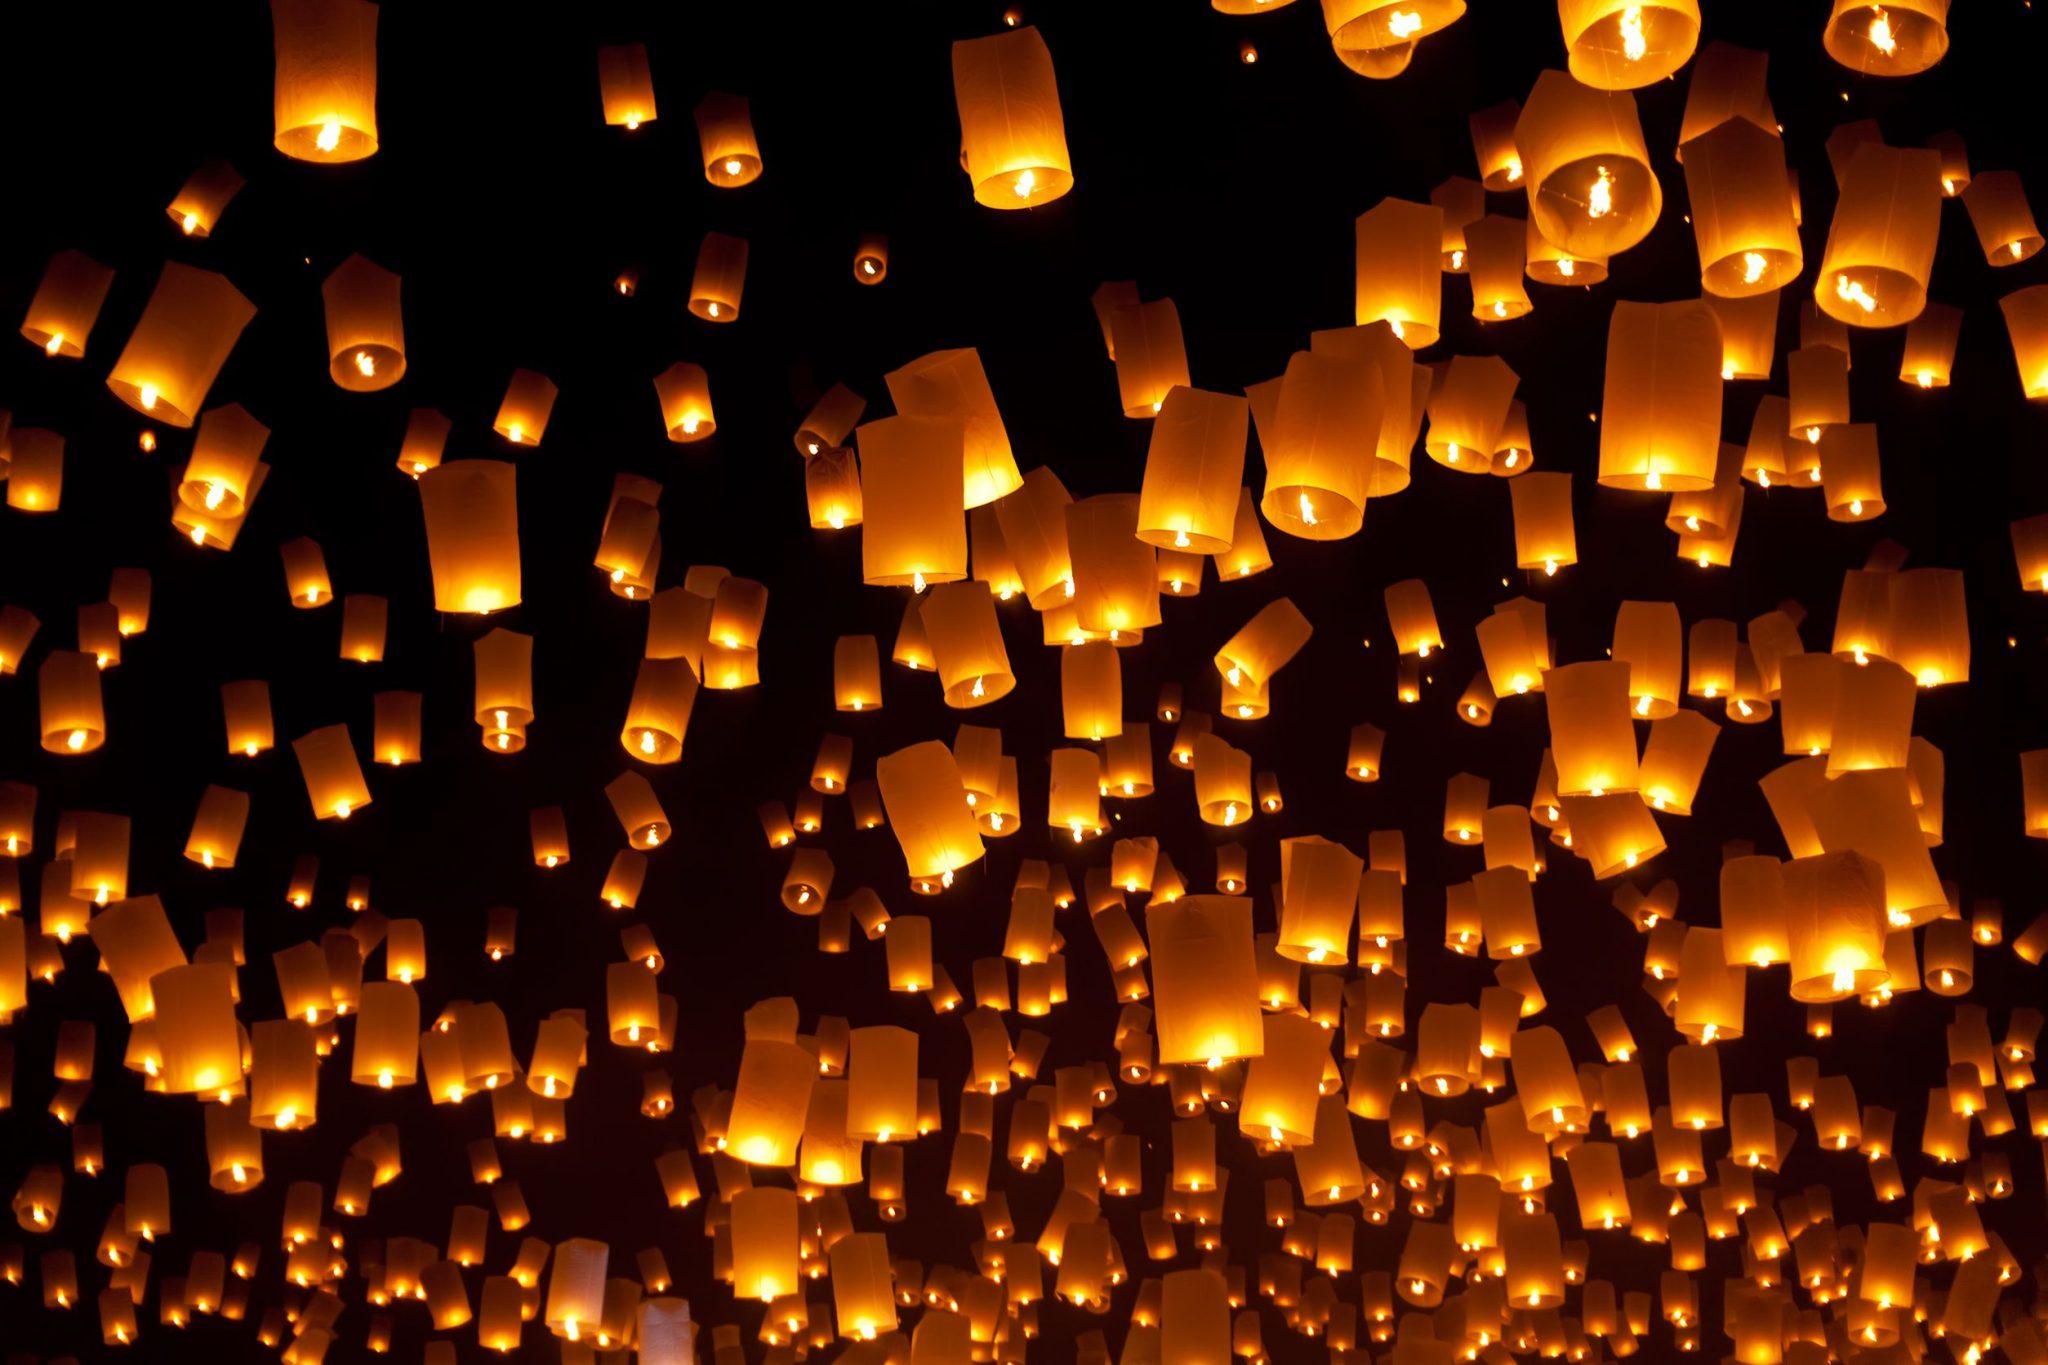 Butter Lantern Festival